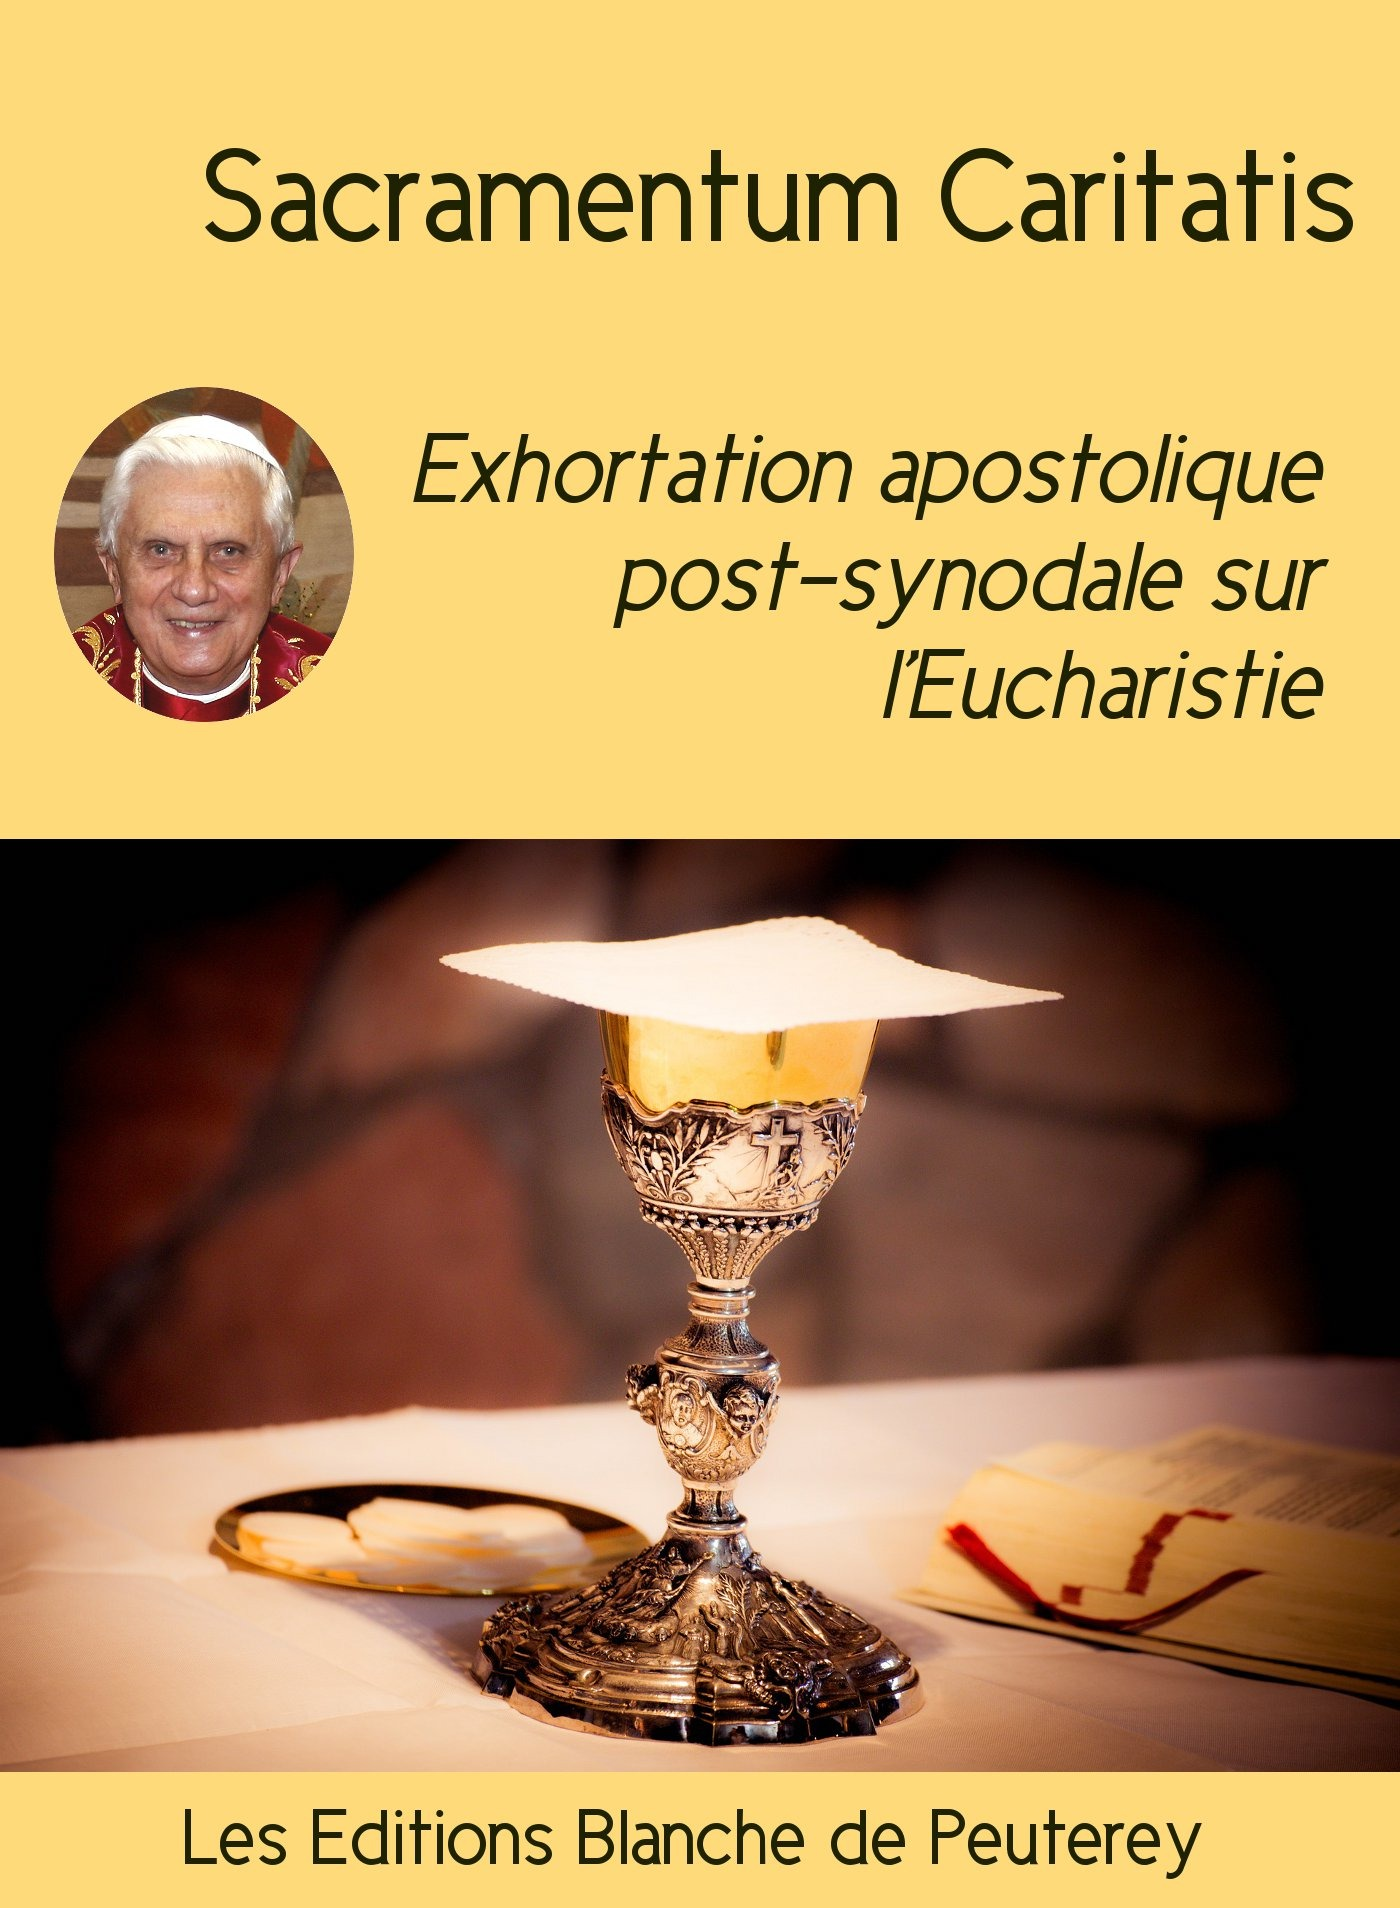 Sacramentum Caritatis, EXHORTATION APOSTOLIQUE POST-SYNODALE SUR L'EUCHARISTIE